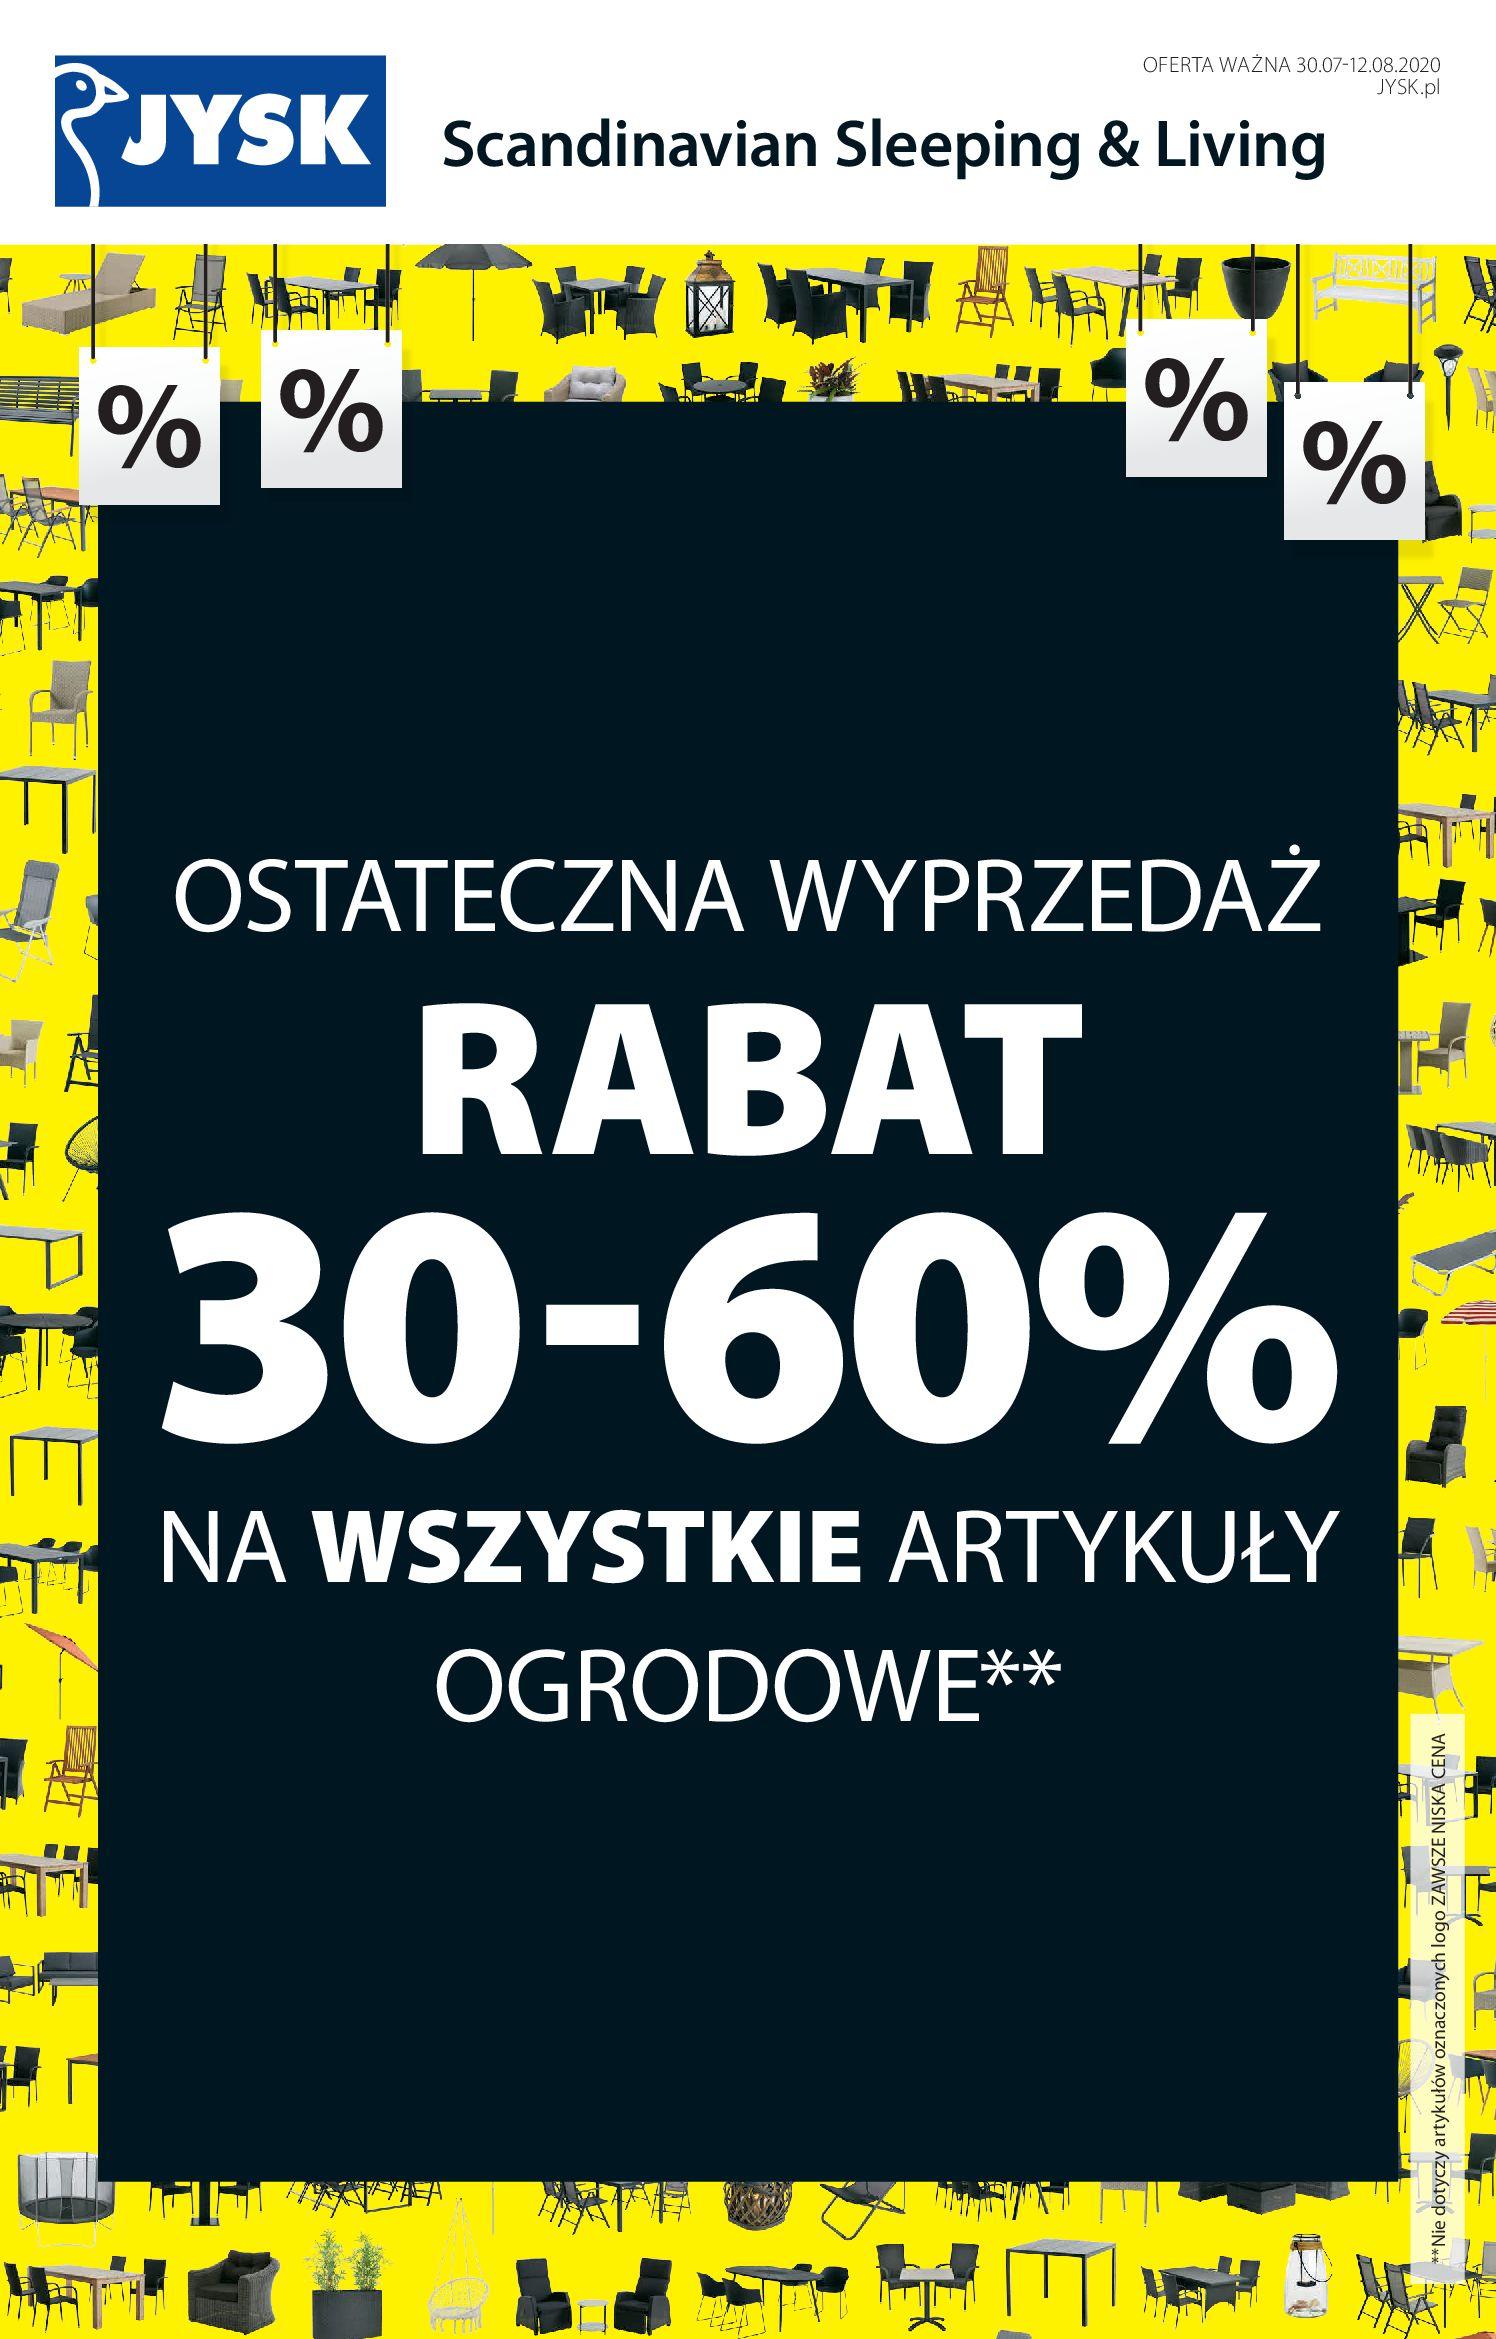 Gazetka Jysk - Oferta tygodnia-29.07.2020-12.08.2020-page-2